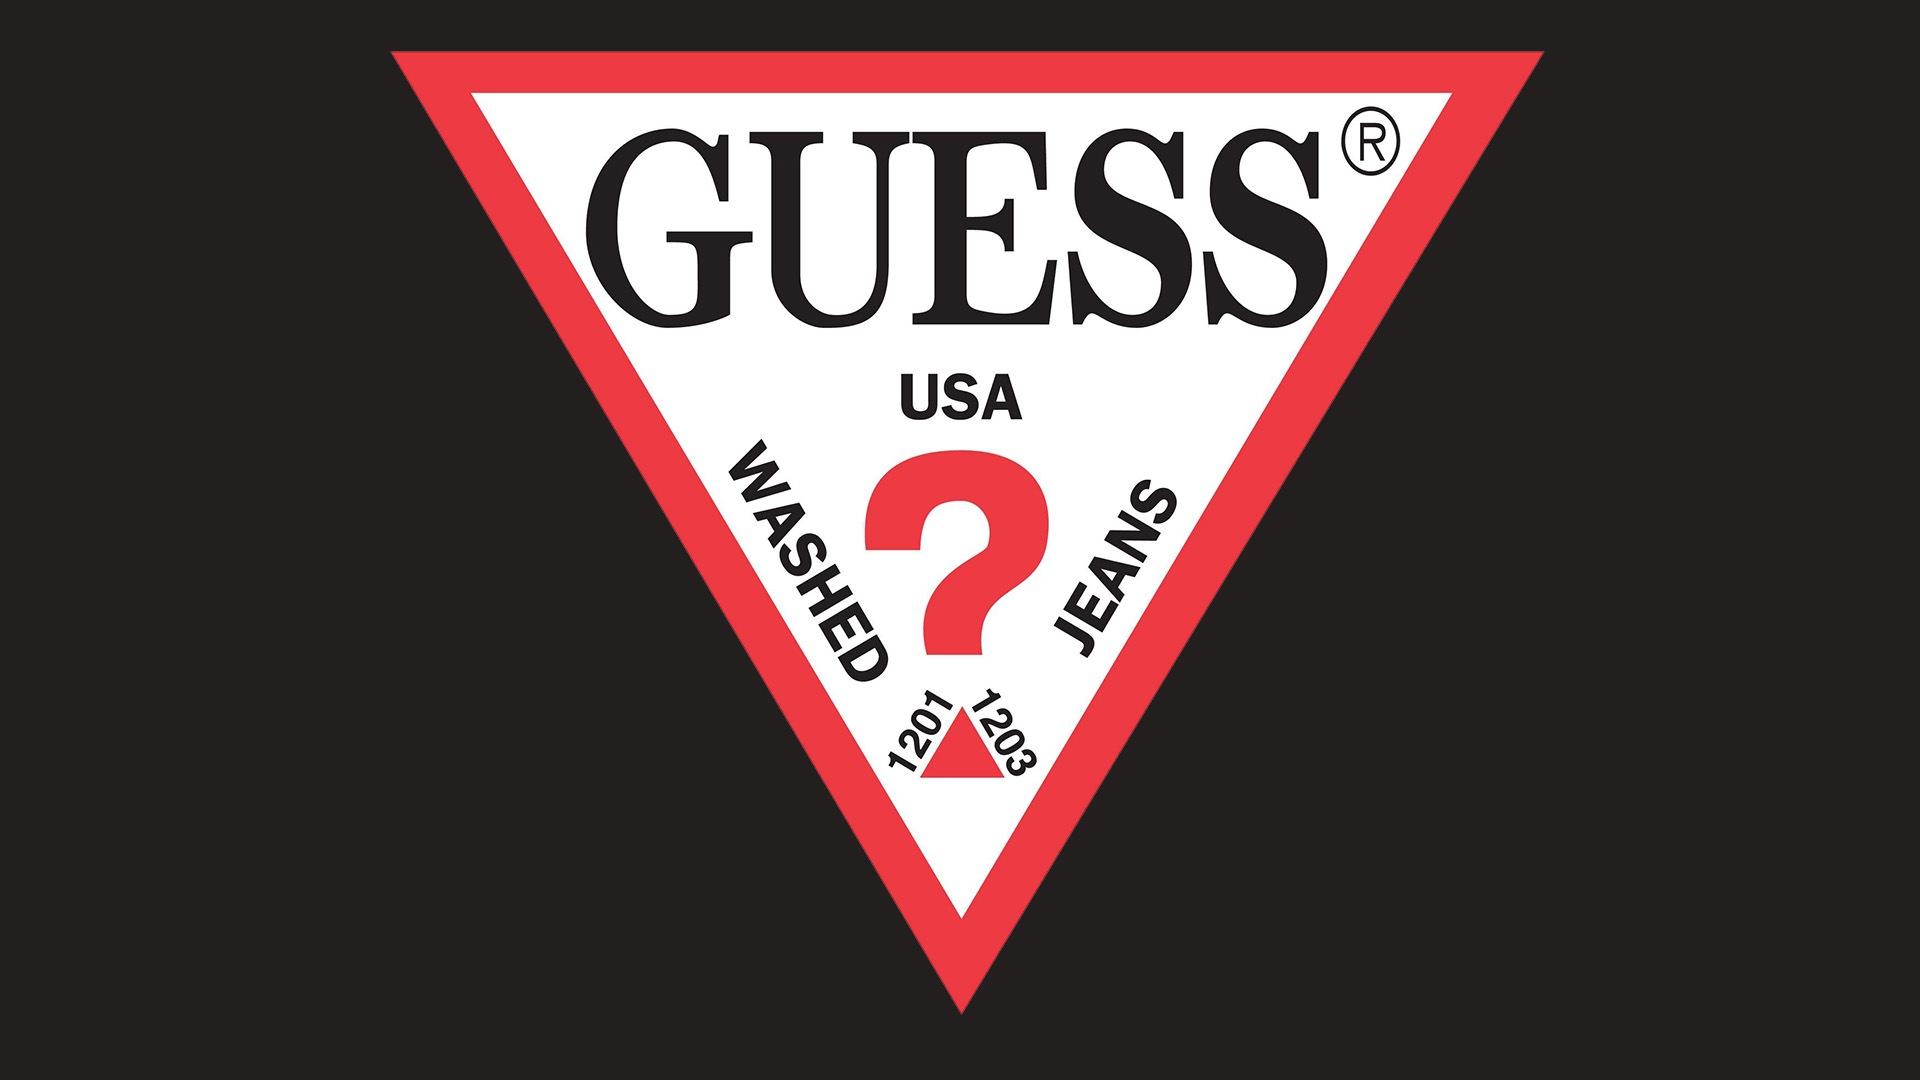 eb01d88849 En 1993, Georges Marciano, l'ancien président de l'entreprise, a intenté  une action en justice contre elle, accusant Guess d'utiliser le nom  Marciano comme ...